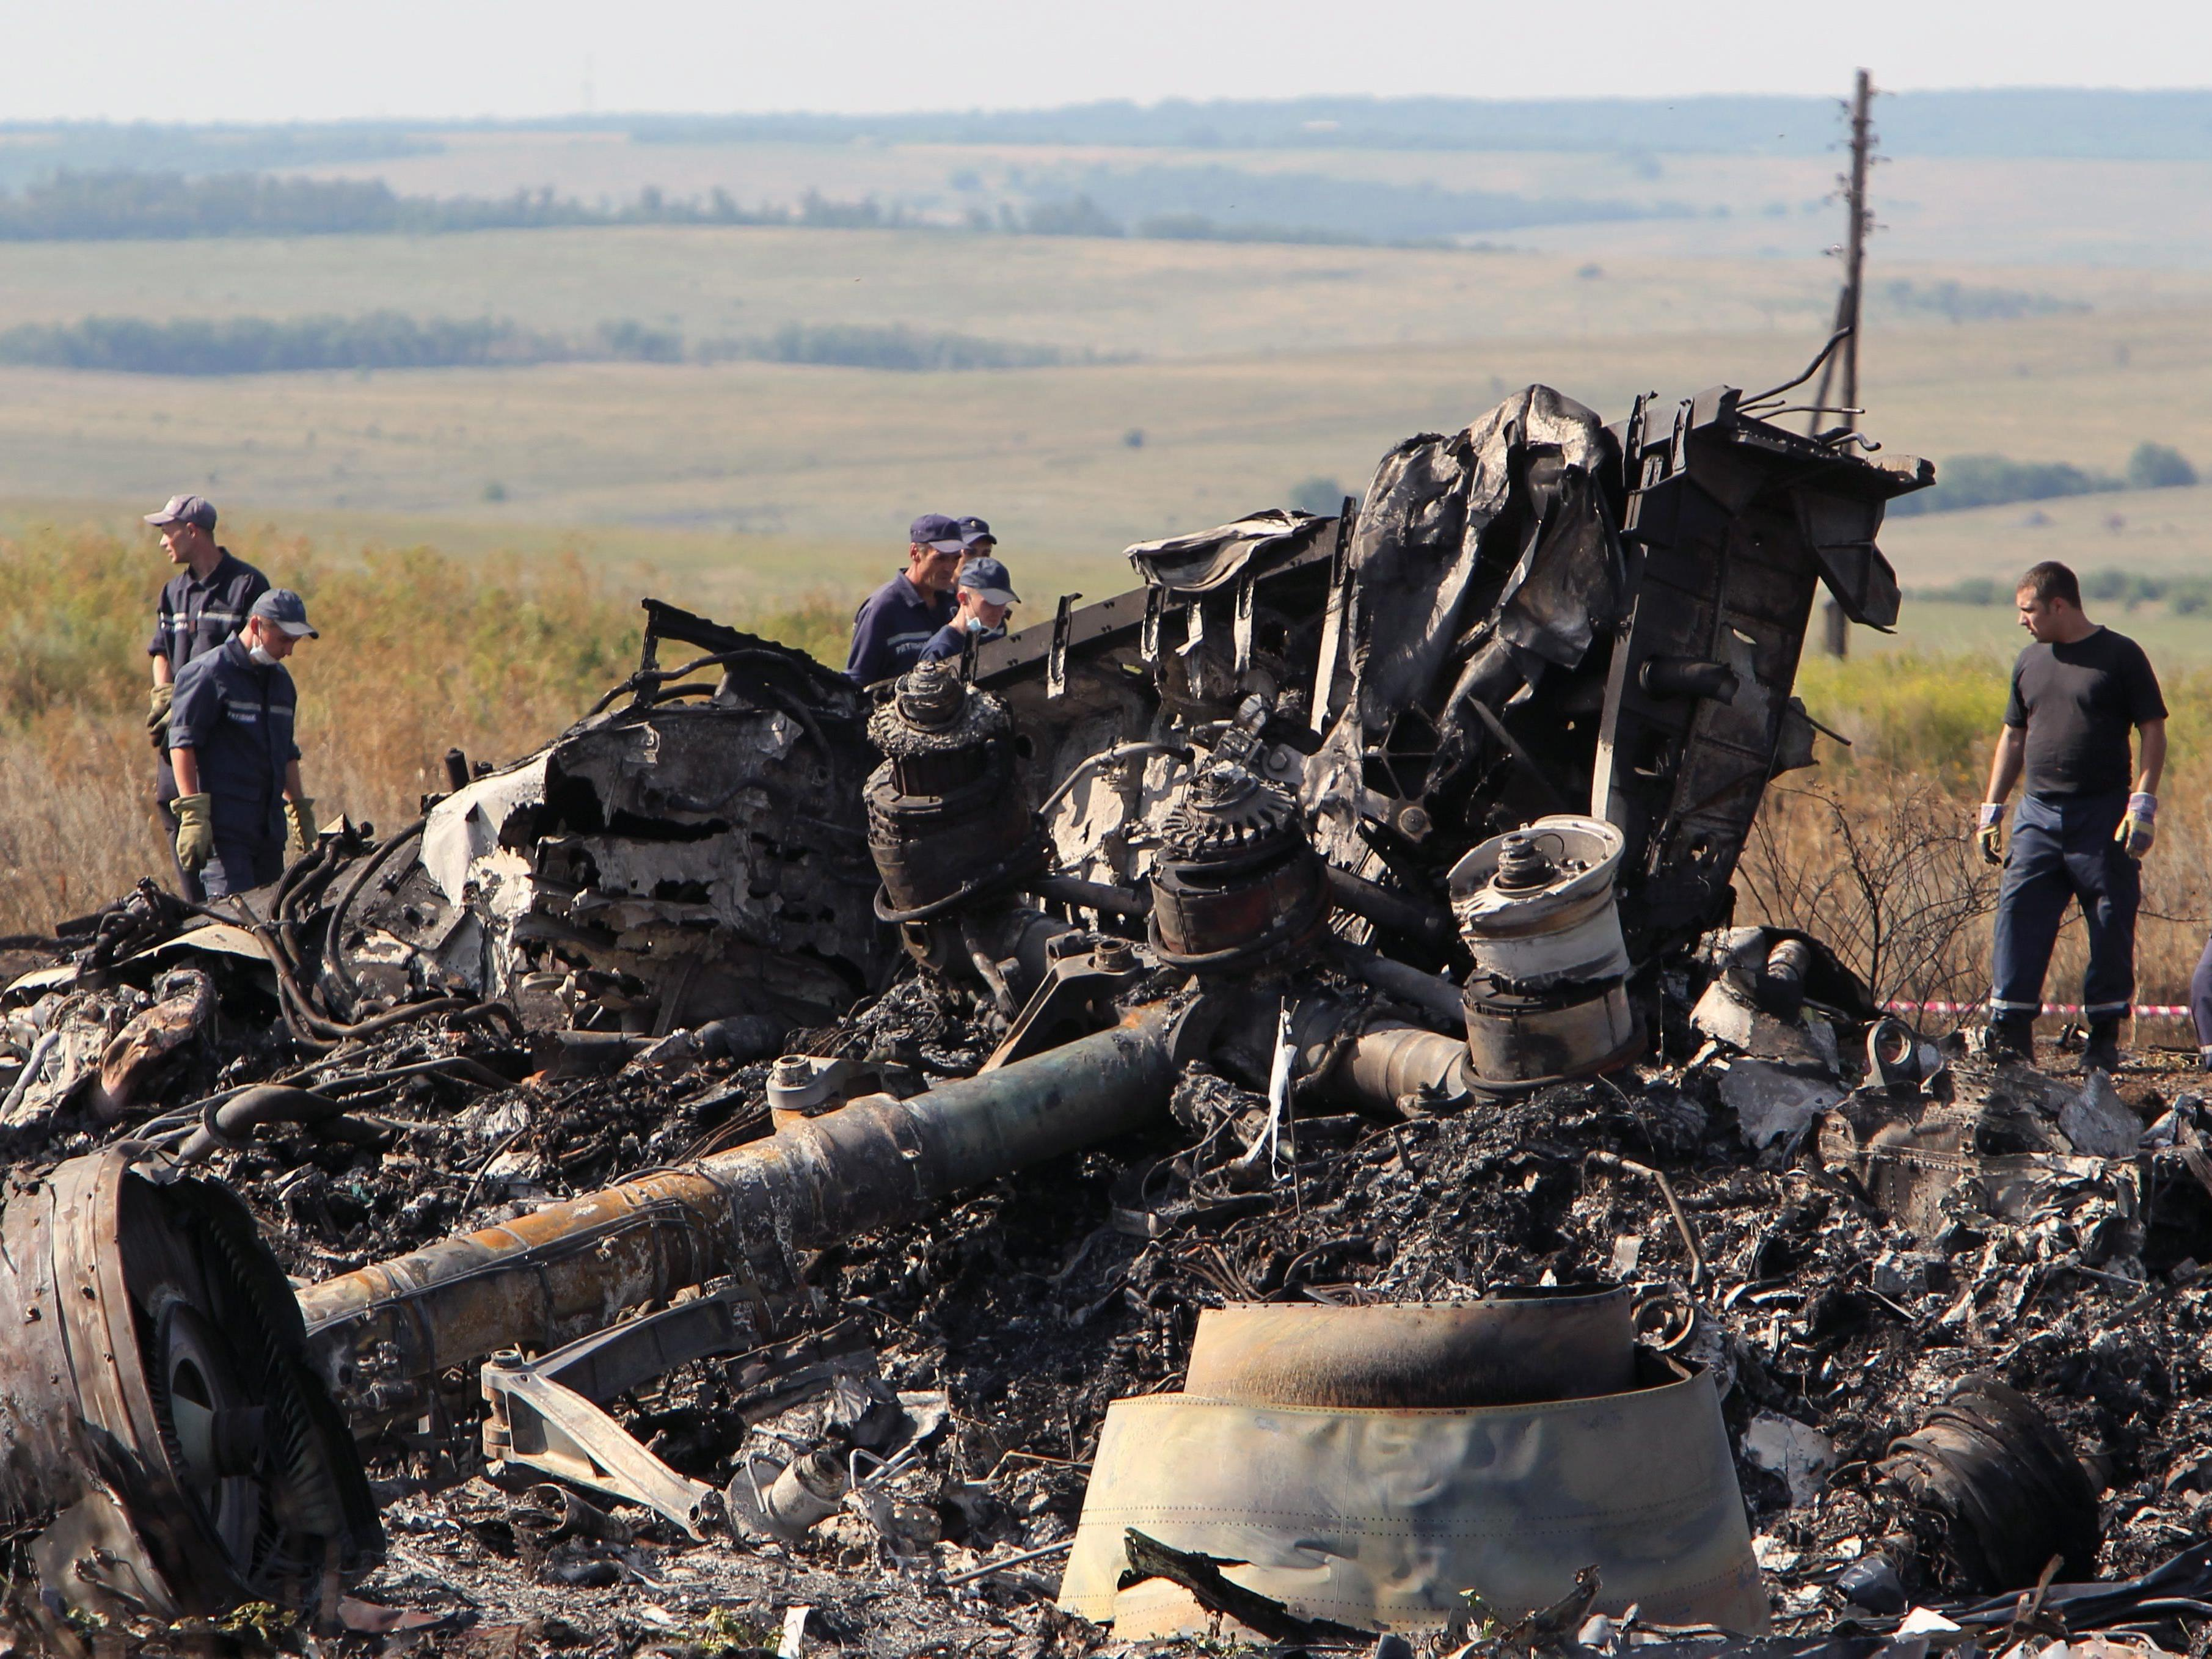 Nach MH17-Absturz: Wachsende Ungeduld in westlichen Staaten mit restriktivem Verhalten prorussischer Rebellen